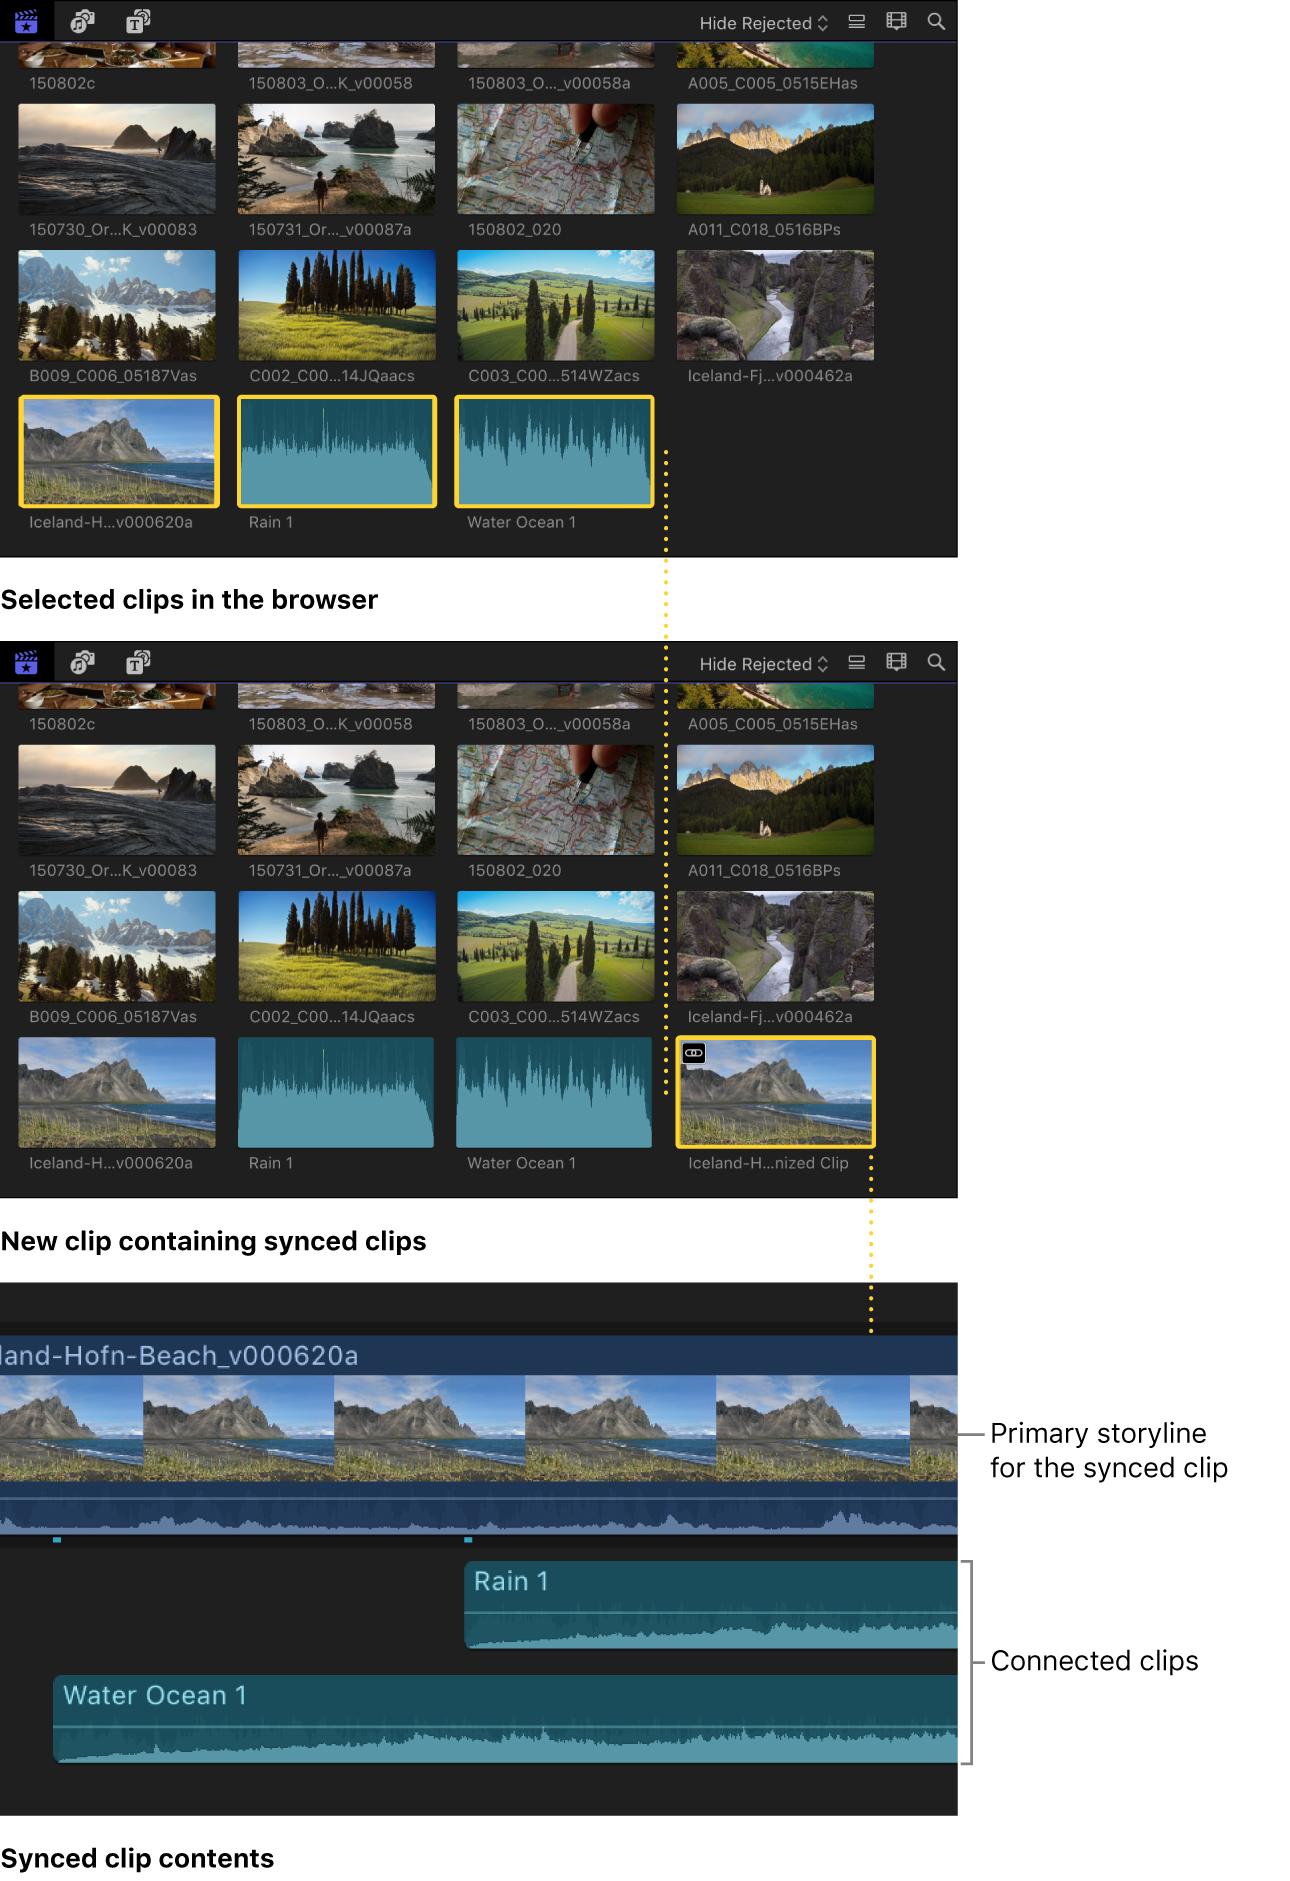 Un clip sincronizado creado a partir de clips seleccionados en el explorador